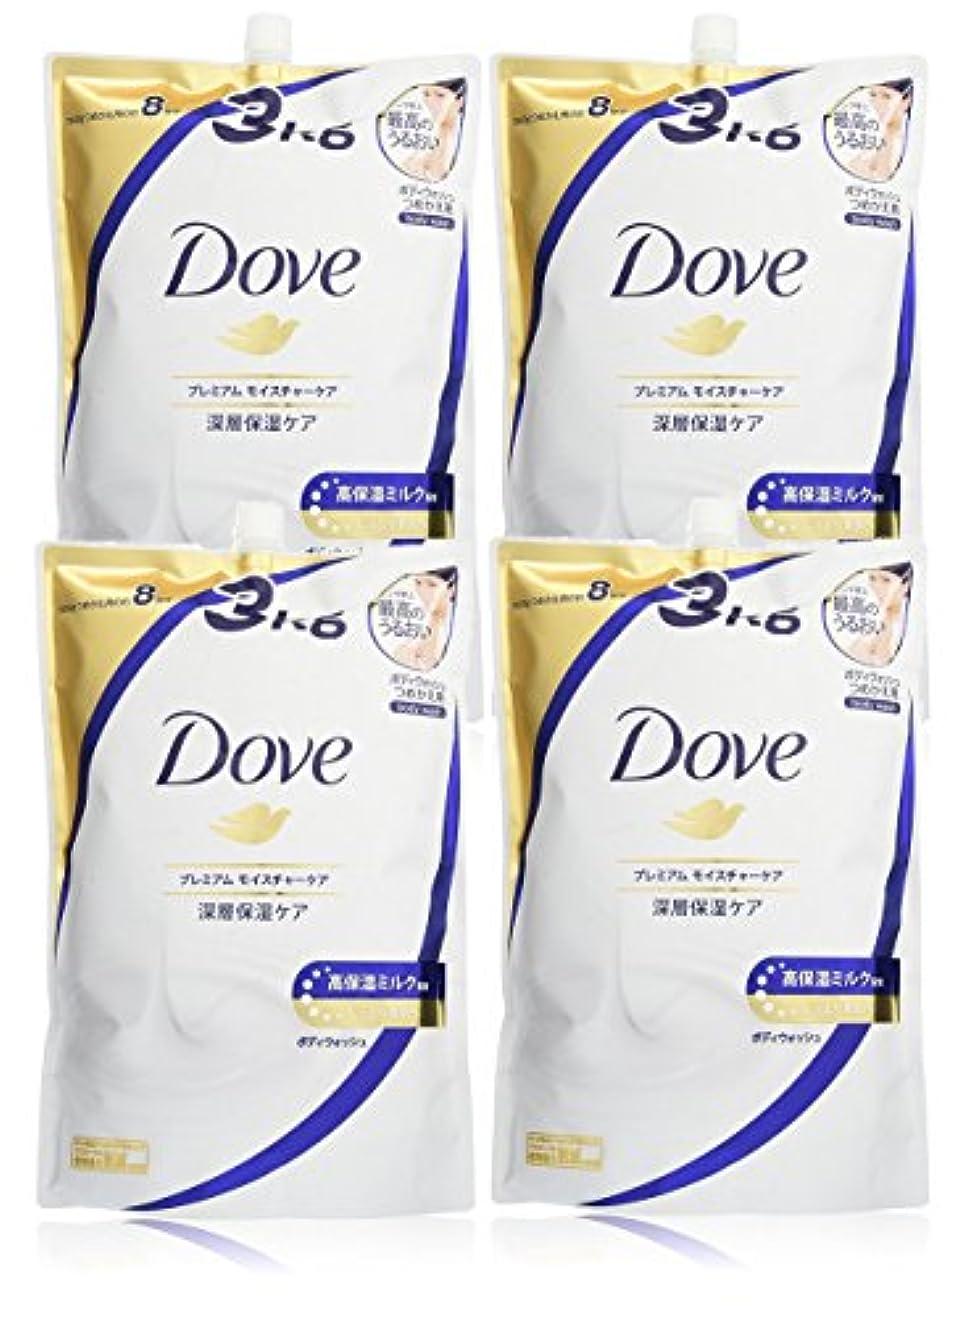 結晶経過その後【ケース販売】 Dove(ダヴ) ボディウォッシュ プレミアム モイスチャーケア つめかえ用 3kg×4個